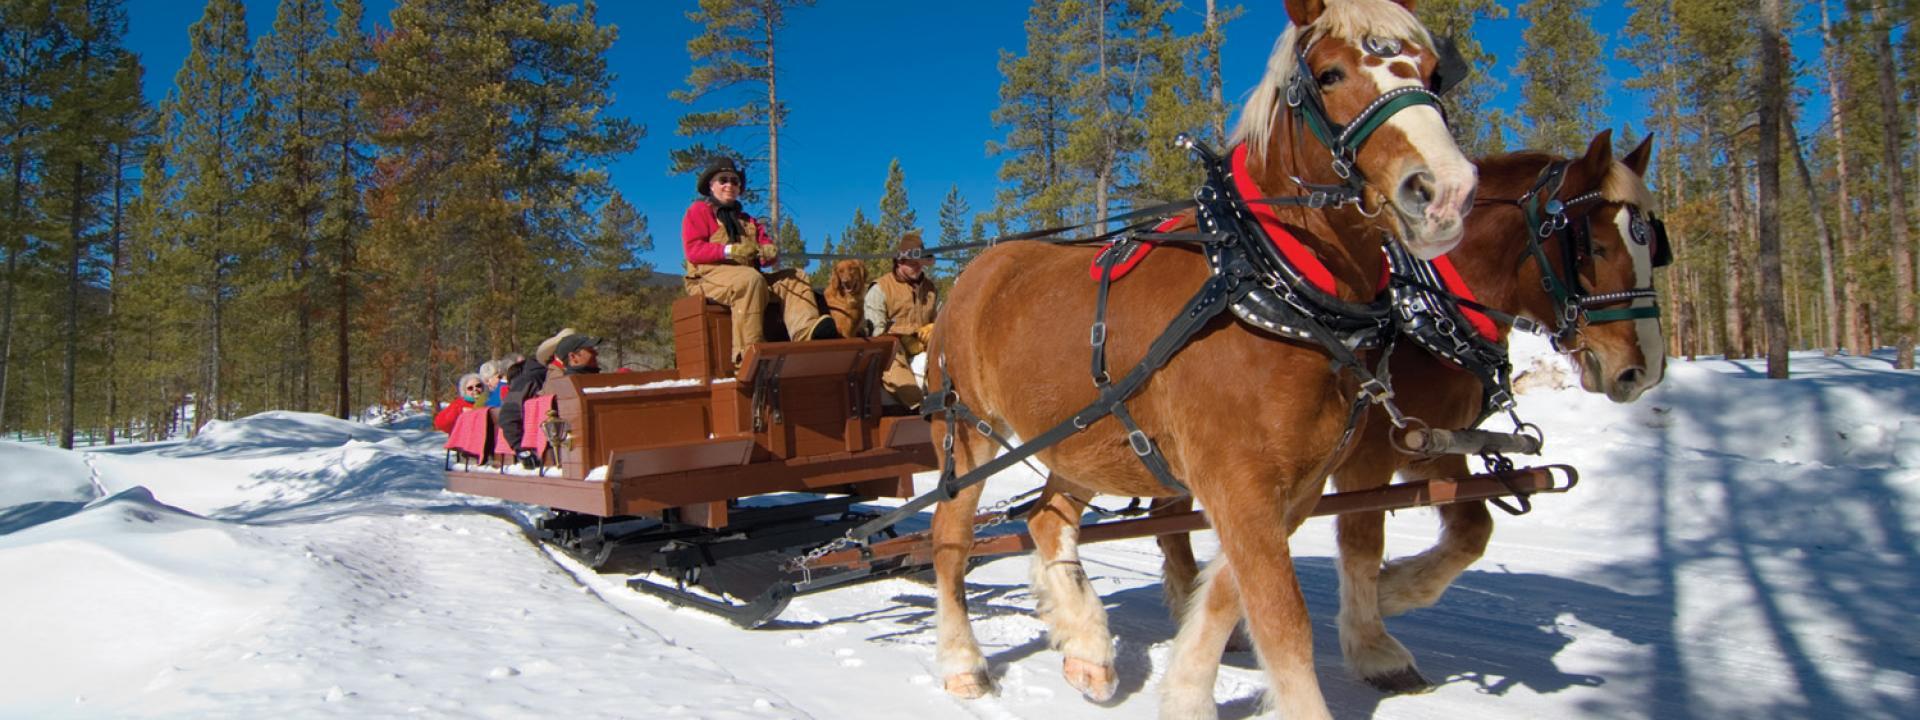 sleigh rides winter park colorado